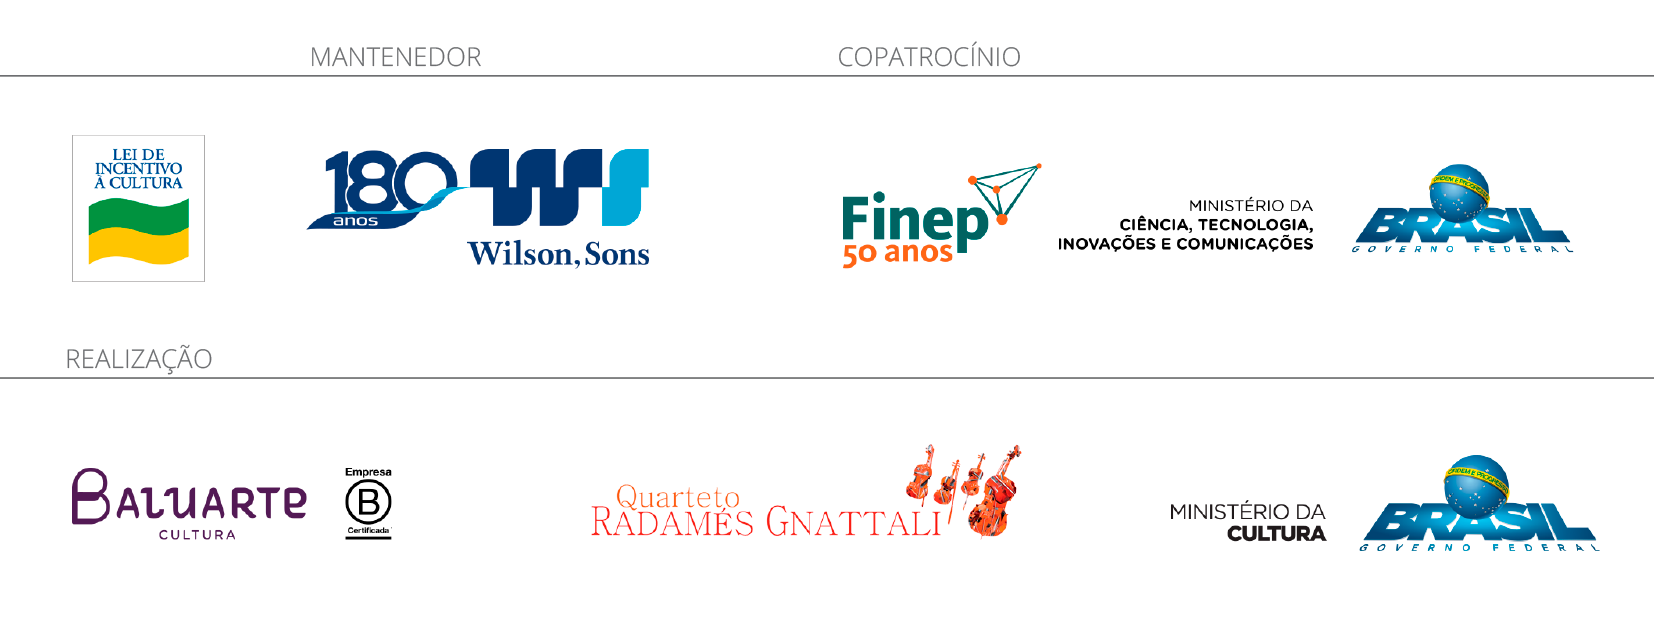 Logos de mantenedor, copatrocínio e realização